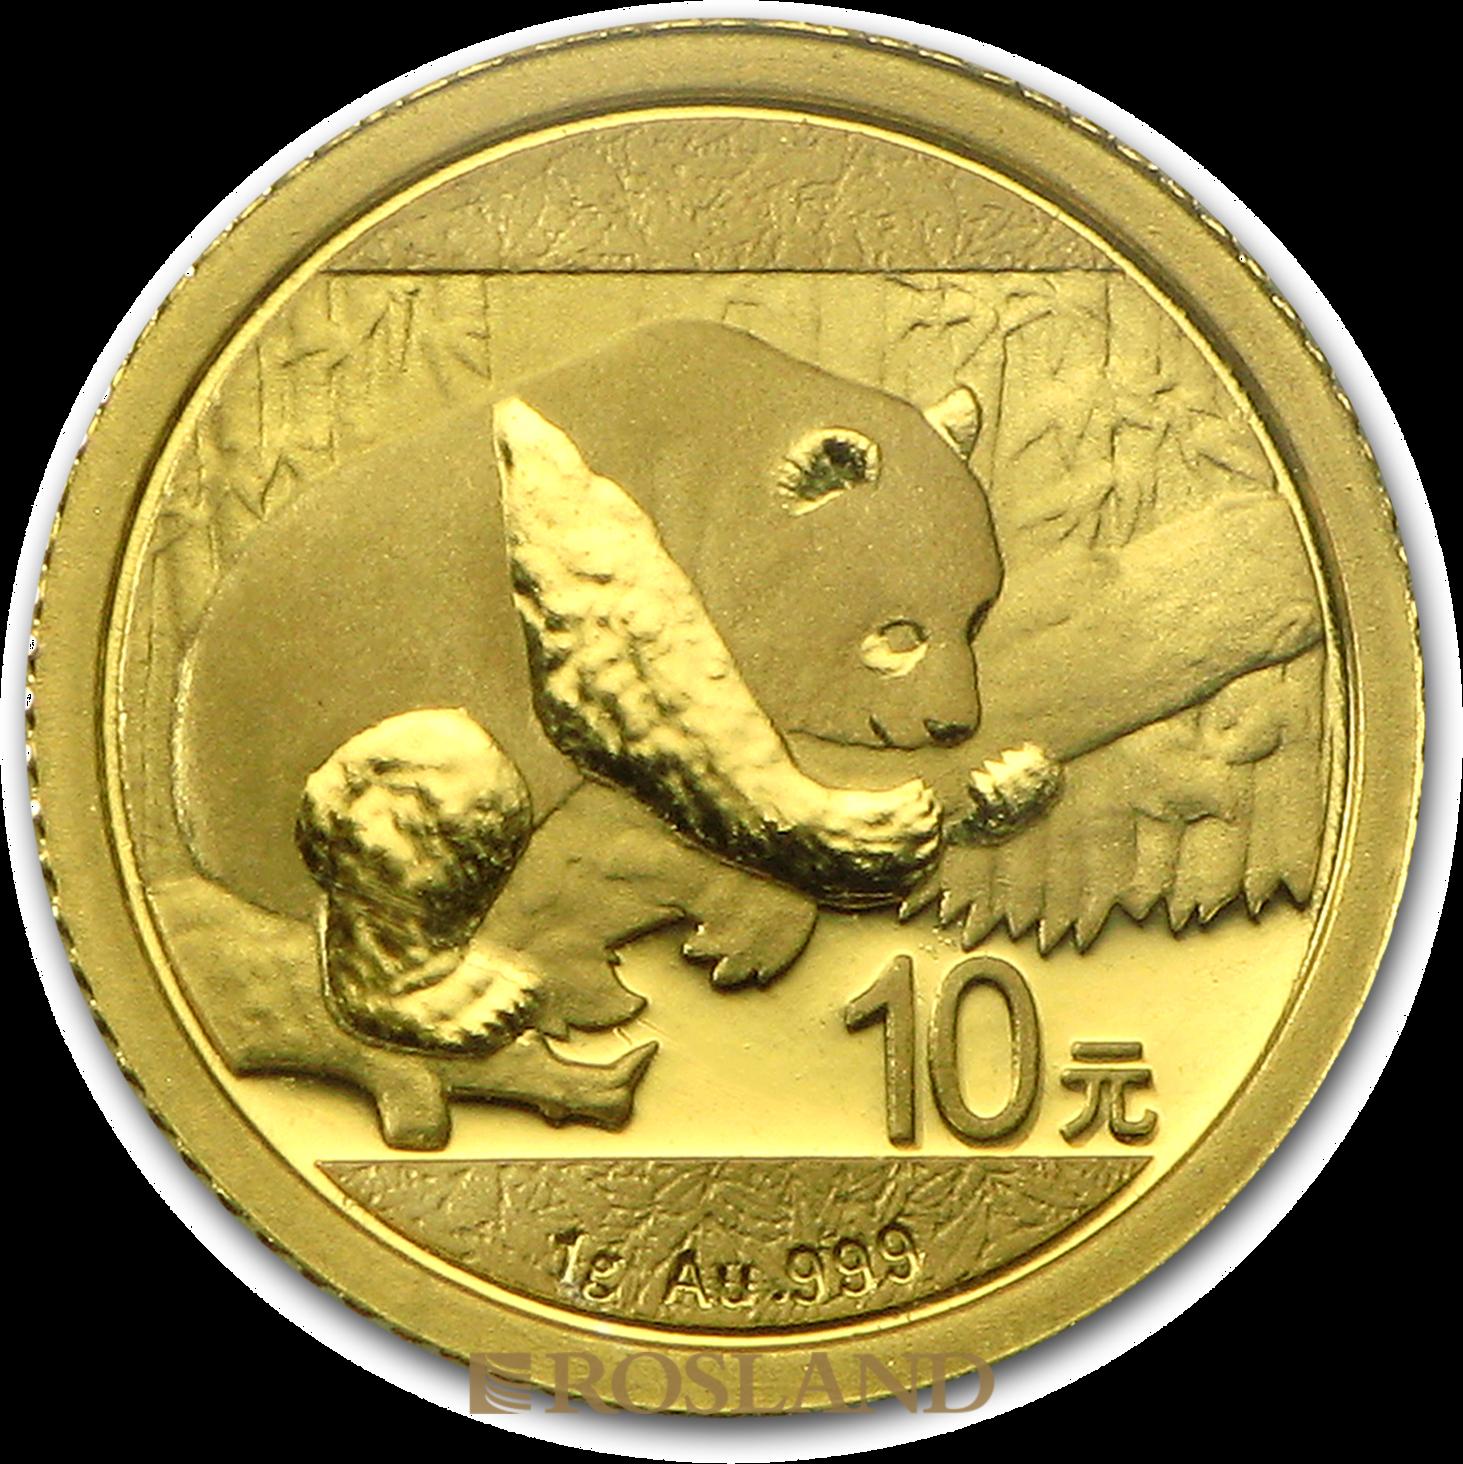 1 Gramm Goldmünze China Panda 2016